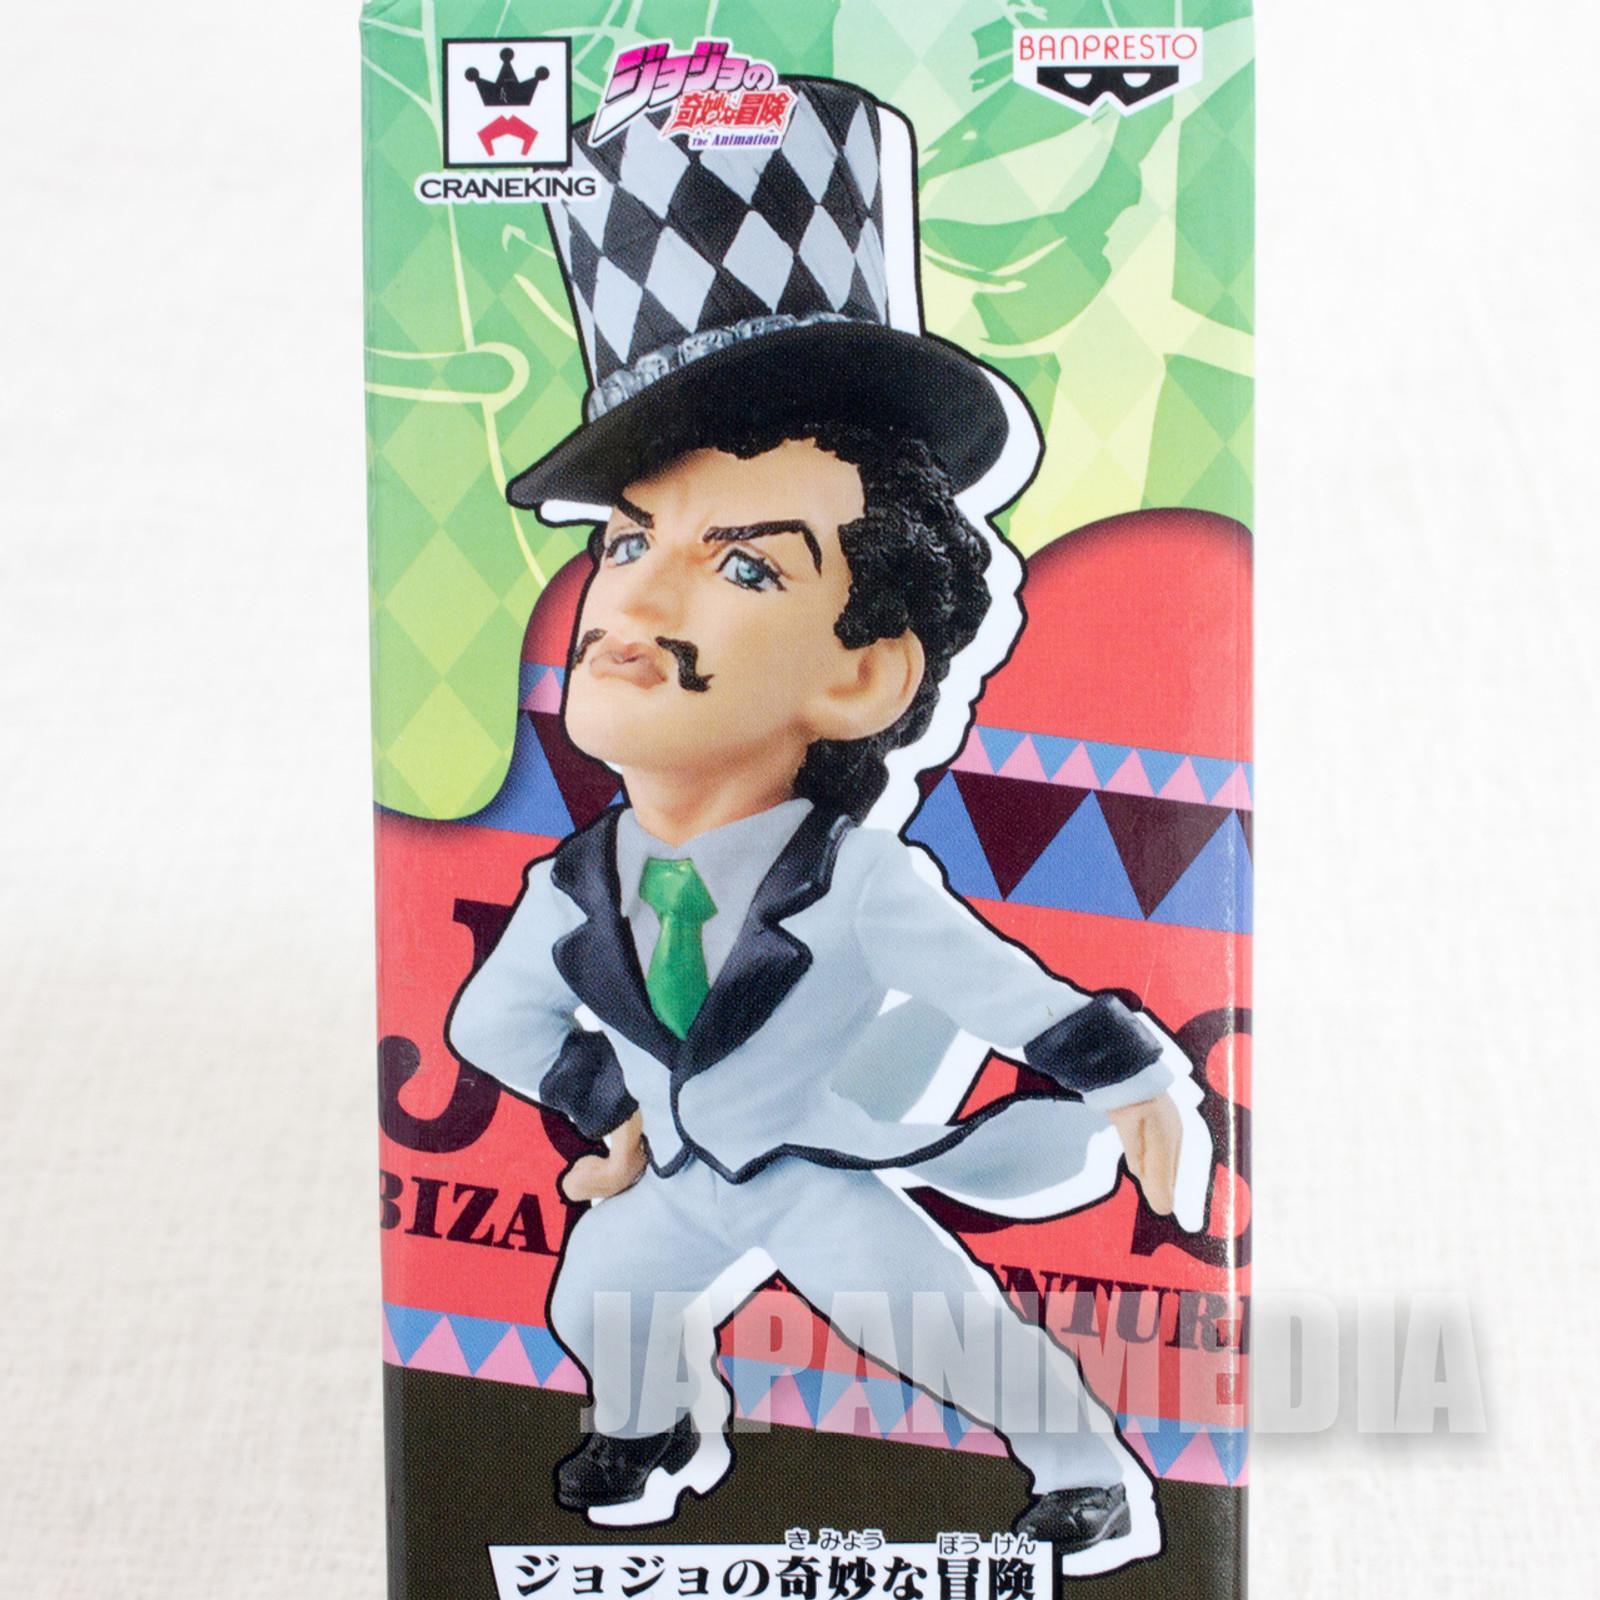 JoJo's Bizarre Adventure Will A. Zeppeli World Collectable Figure Banpresto